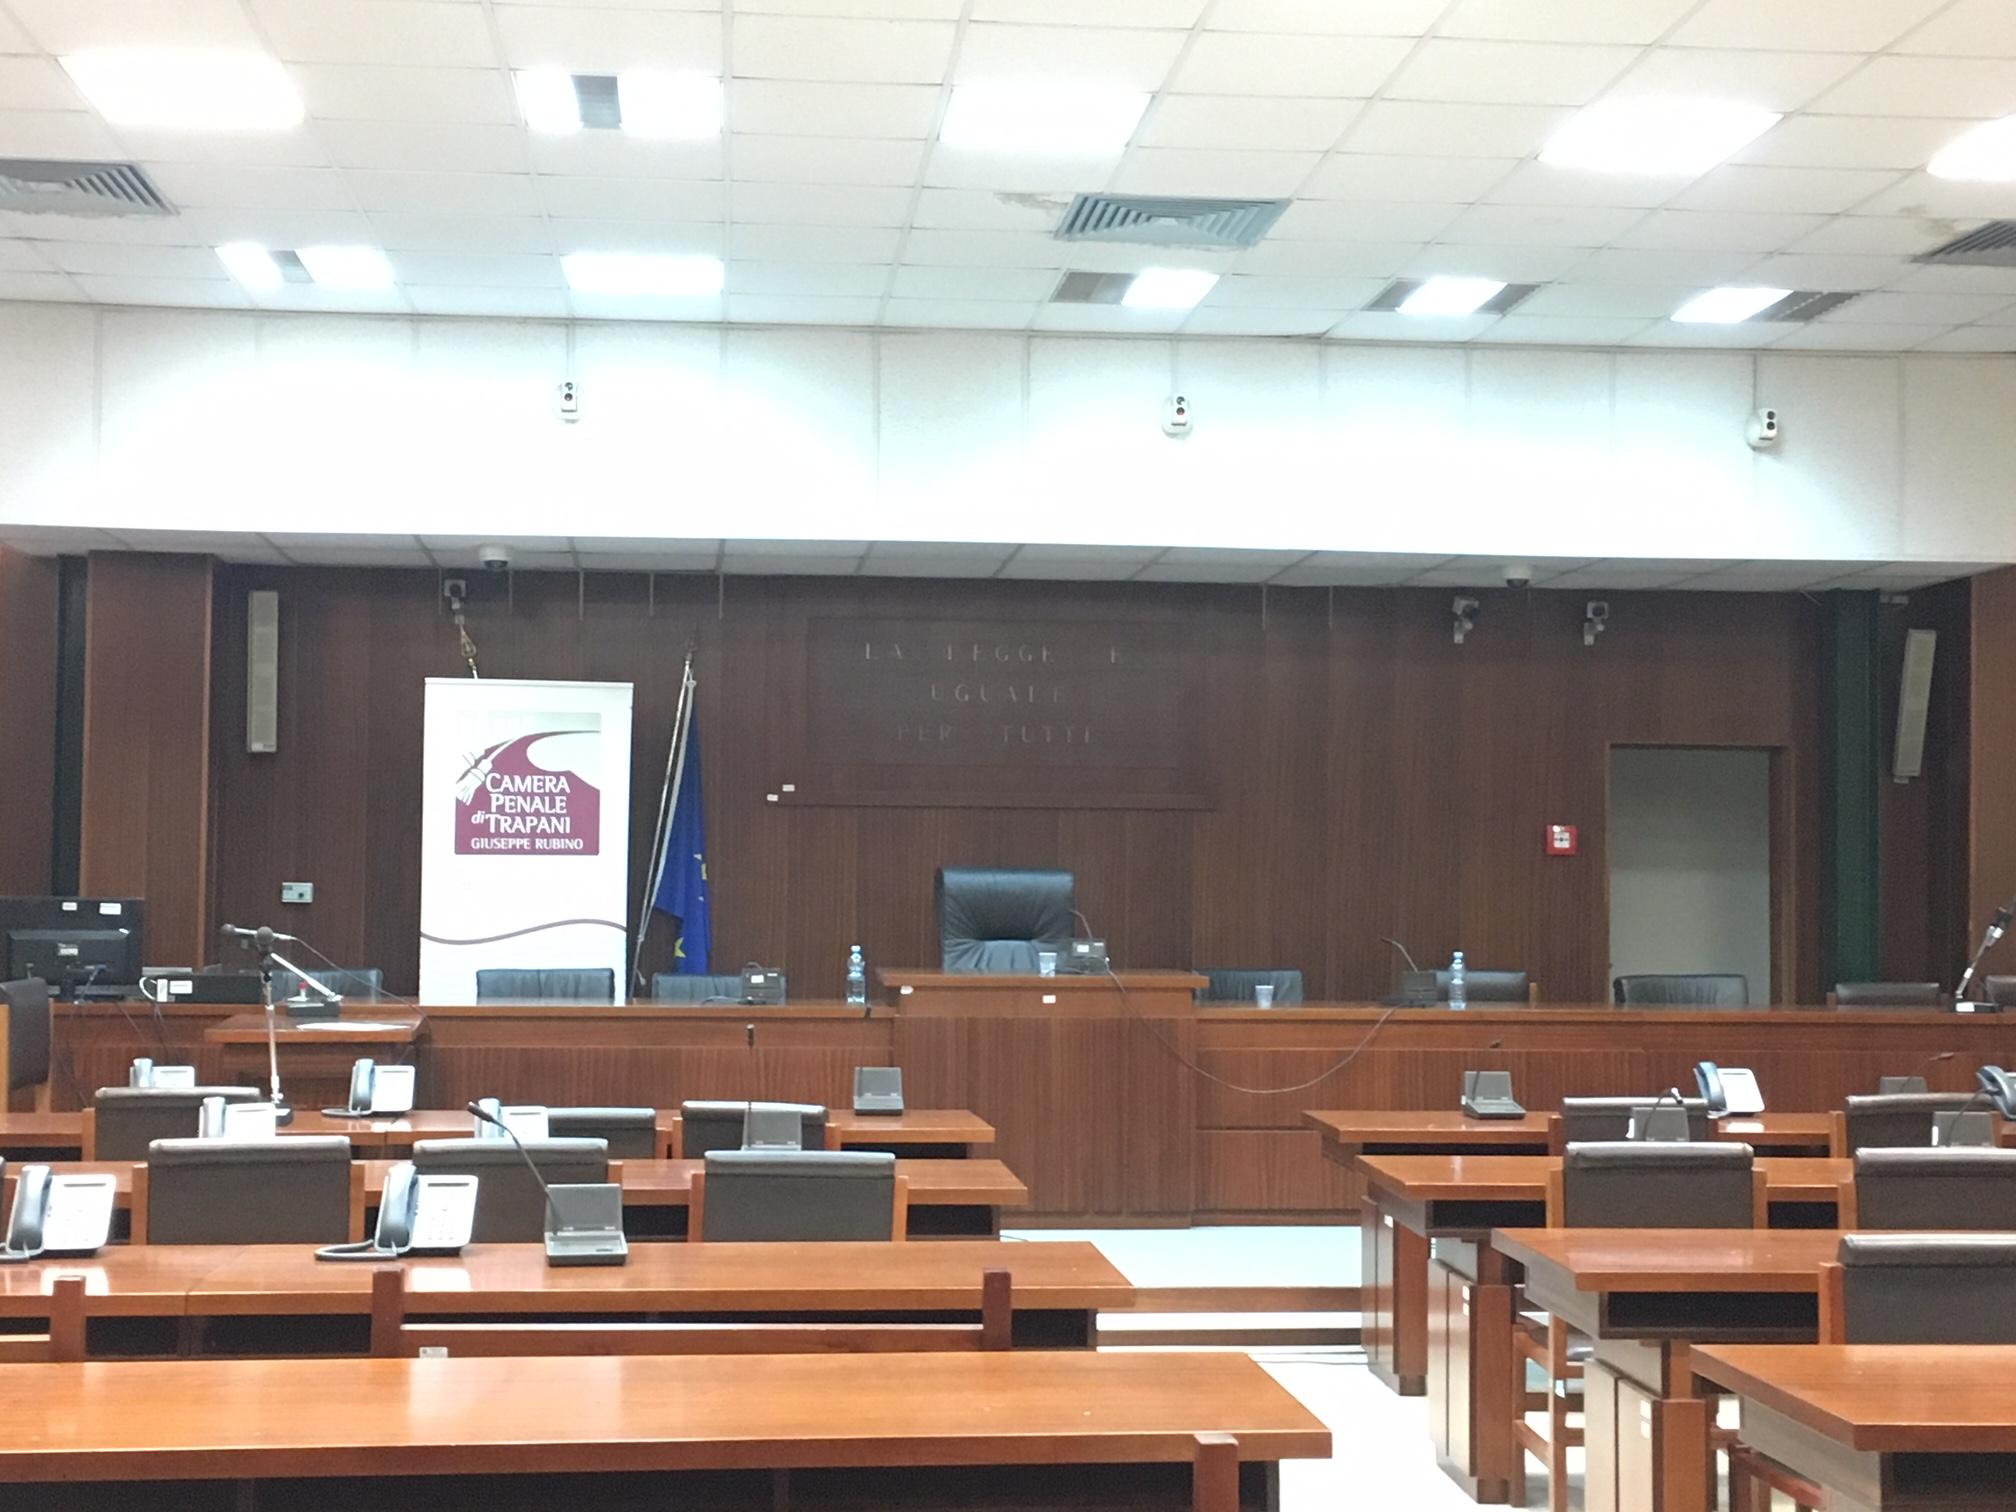 Tribunale di Trapani Aula Ciaccio Montalto